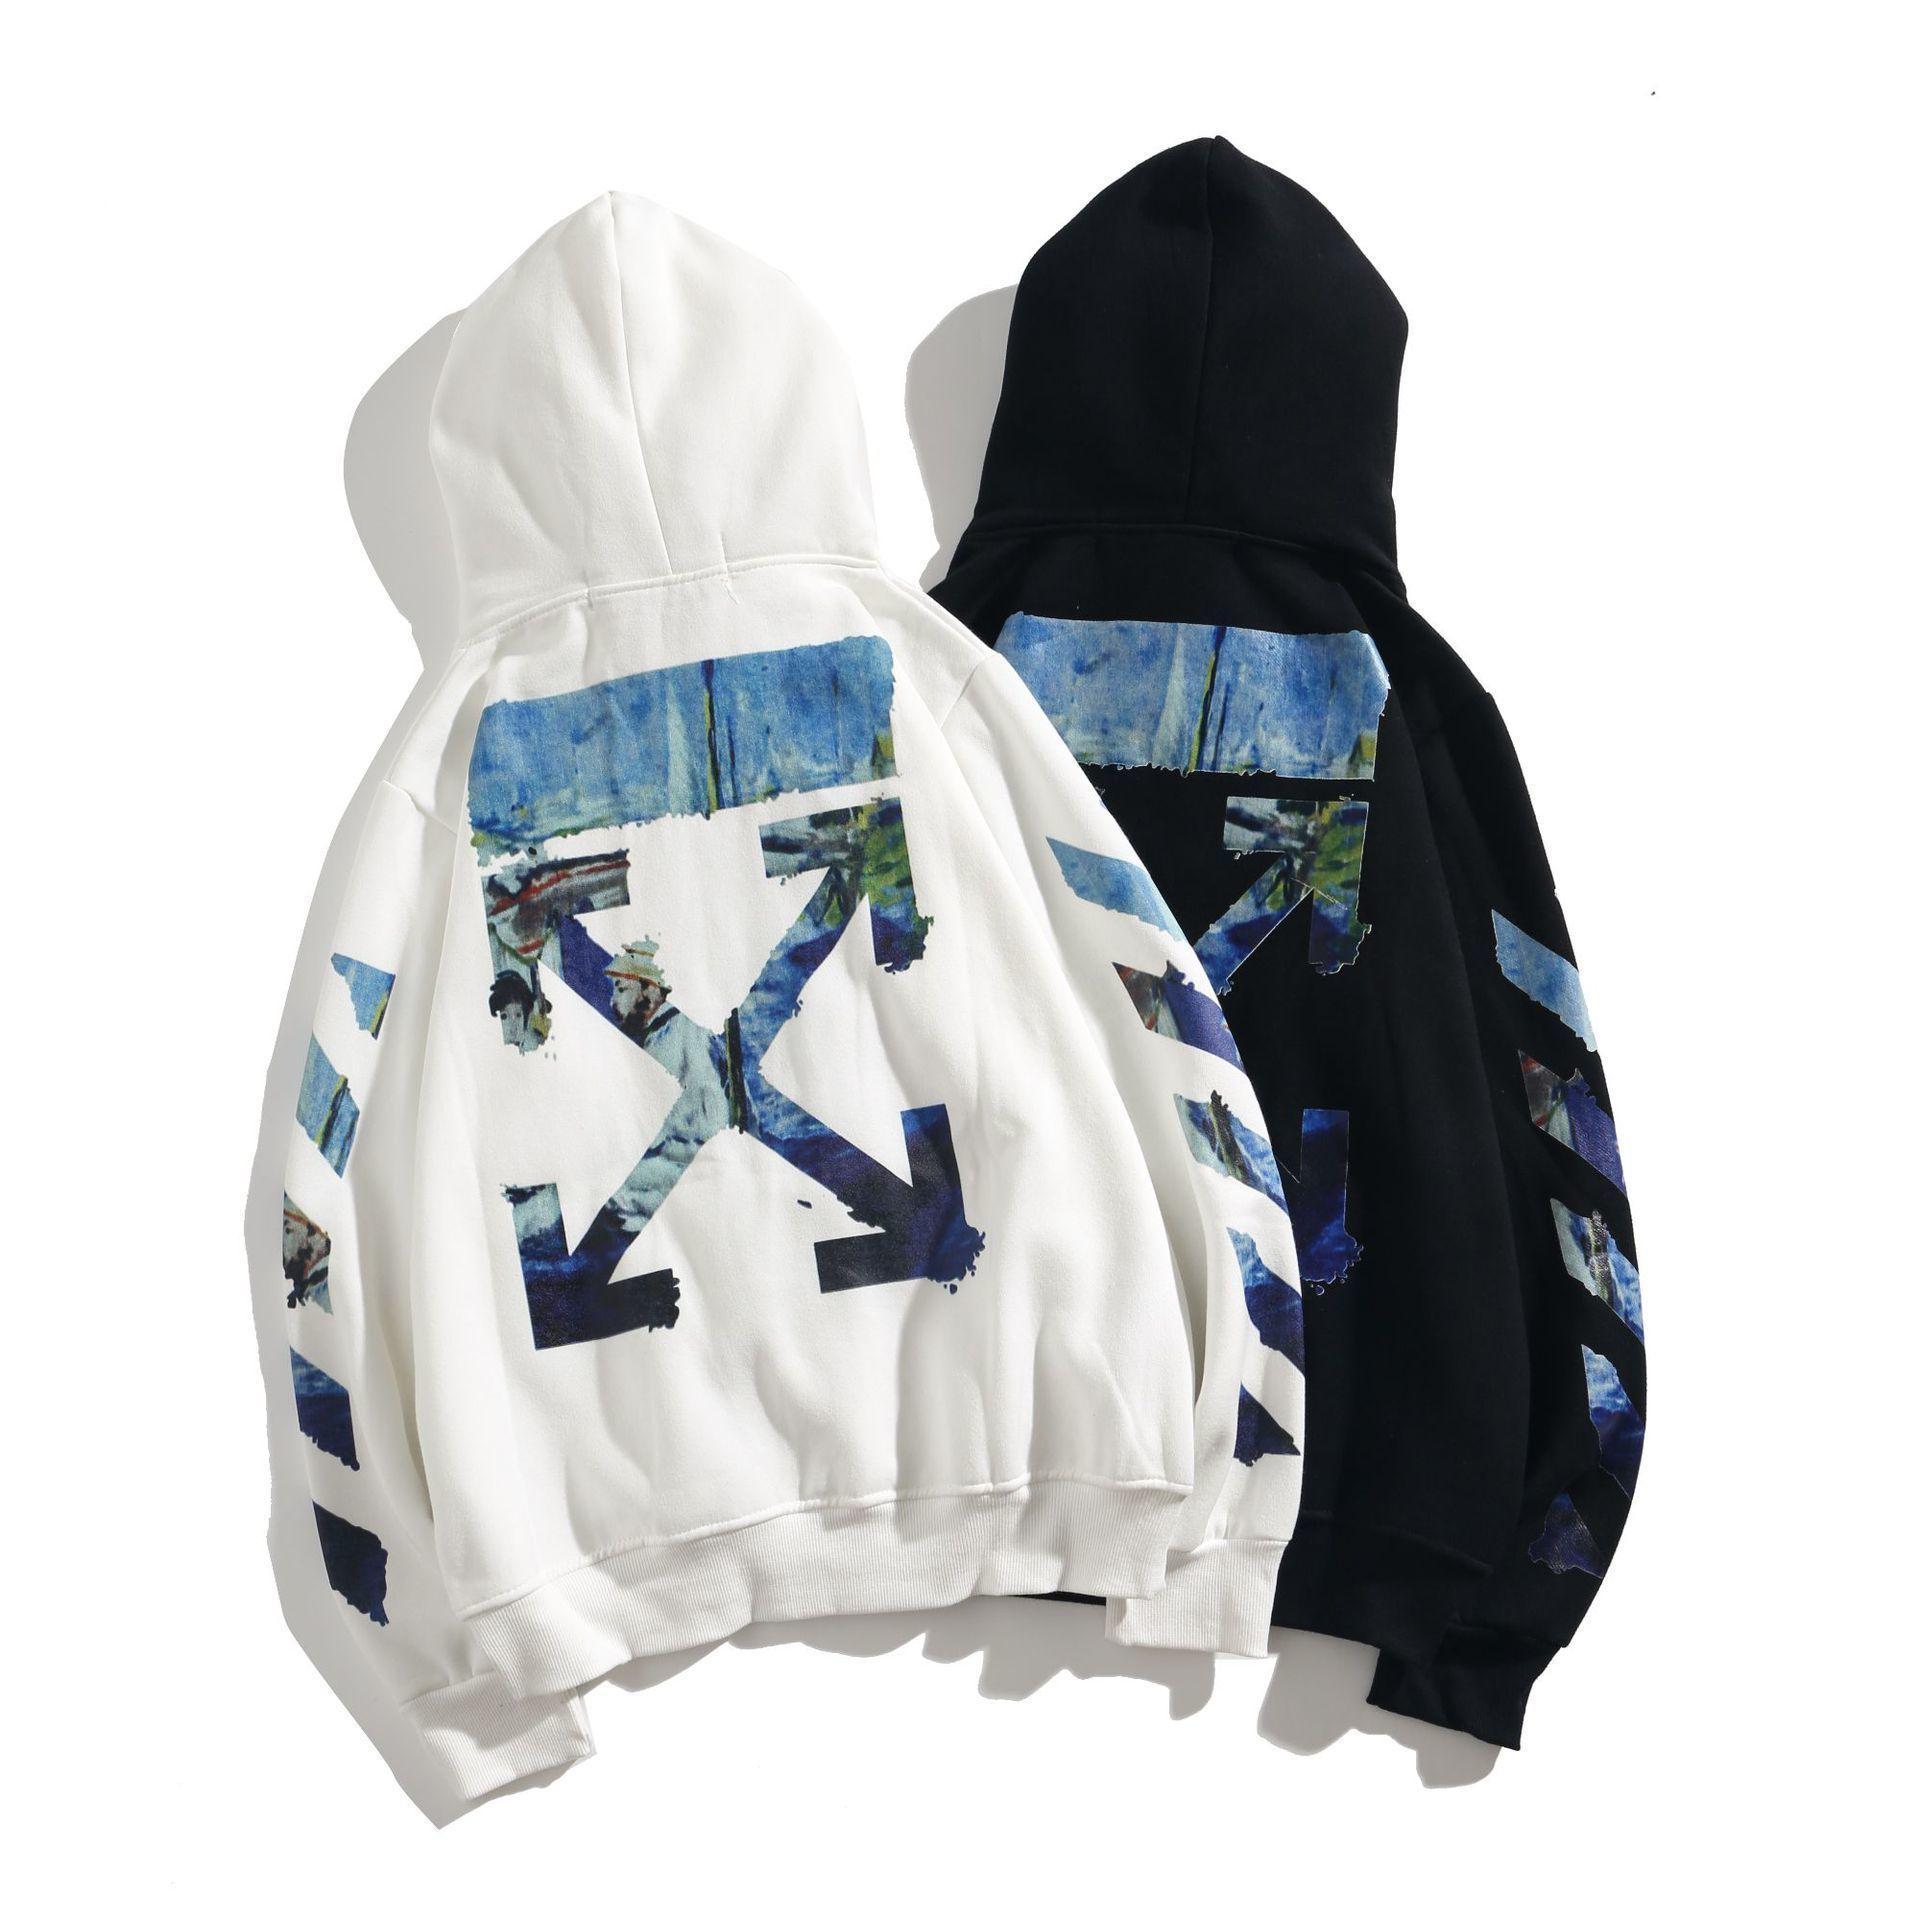 19SS ультрамодный ультрамодный стиль белый масляной живописи Arrstyle с капюшоном пуловер свитер осень зима мужская и женская свободная повседневная пальто